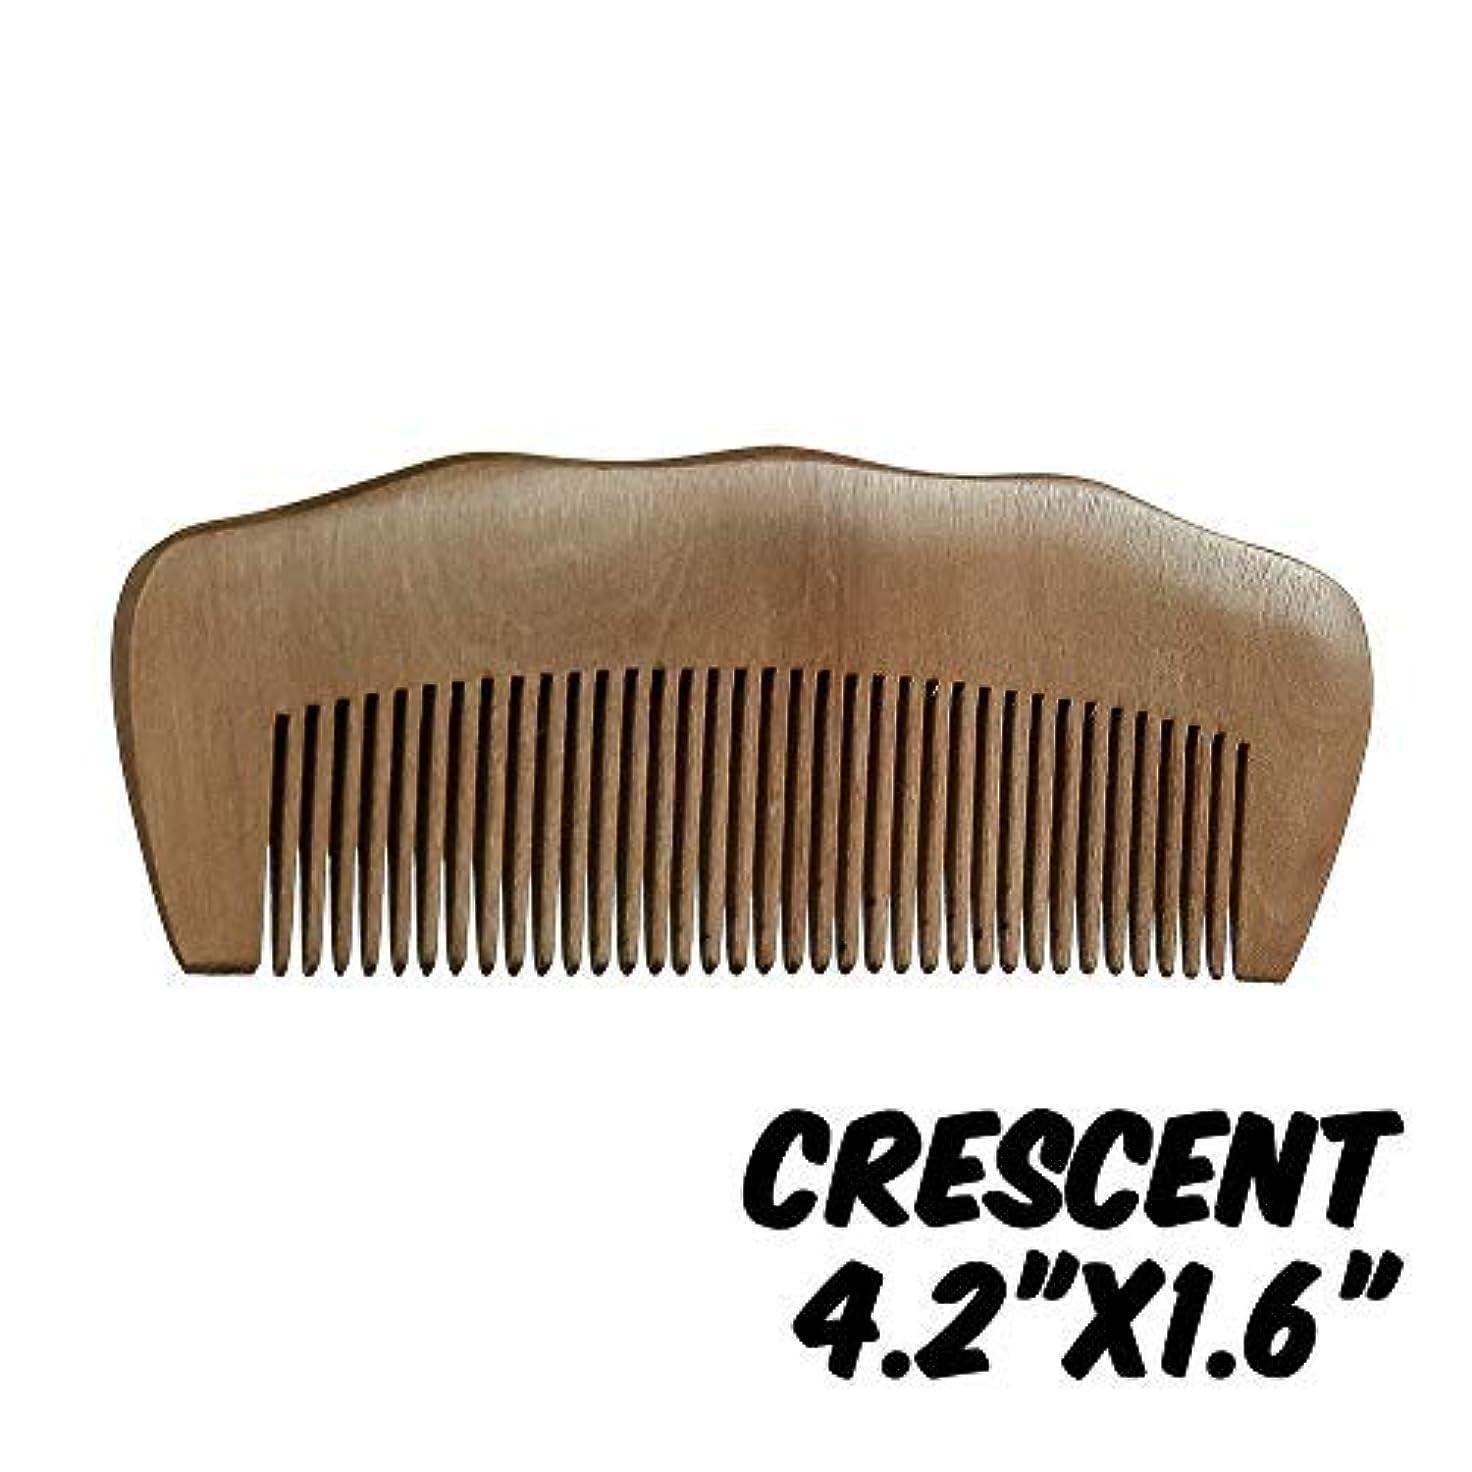 ペルメル重荷モザイクMarkin Arts Crescent Series Handmade Natural Organic Indian Lilac Wood Anti-Static Hypoallergenic Pocket Handle Dry Comb Healthy Shiny Hair Beard Bristle Stubble Styling Grooming Brush 4.2